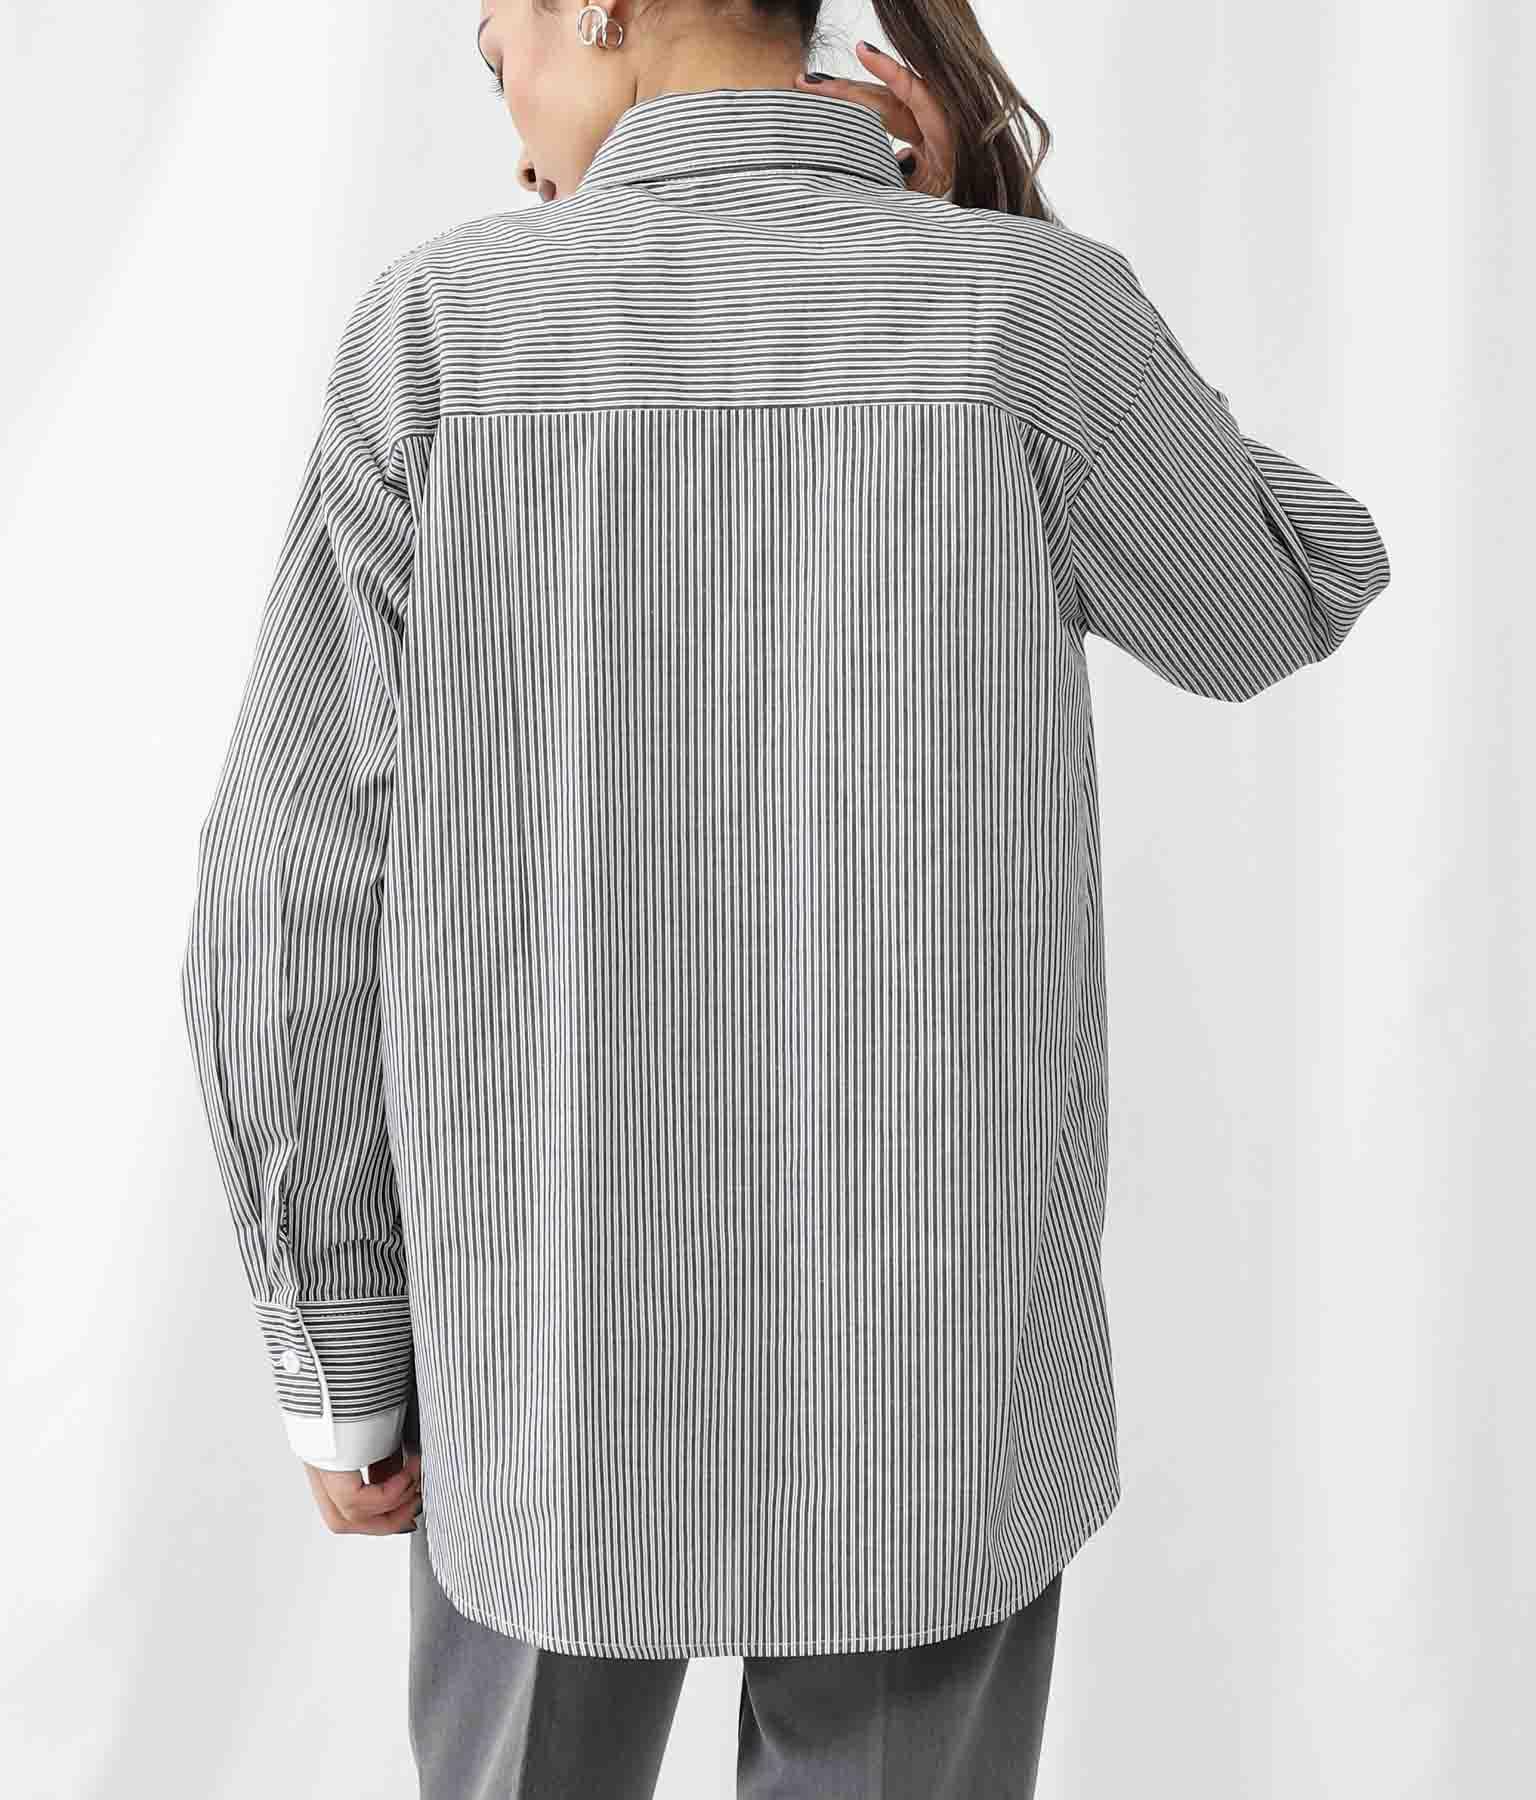 ストライプサイドレイヤードデザインシャツ   Settimissimo